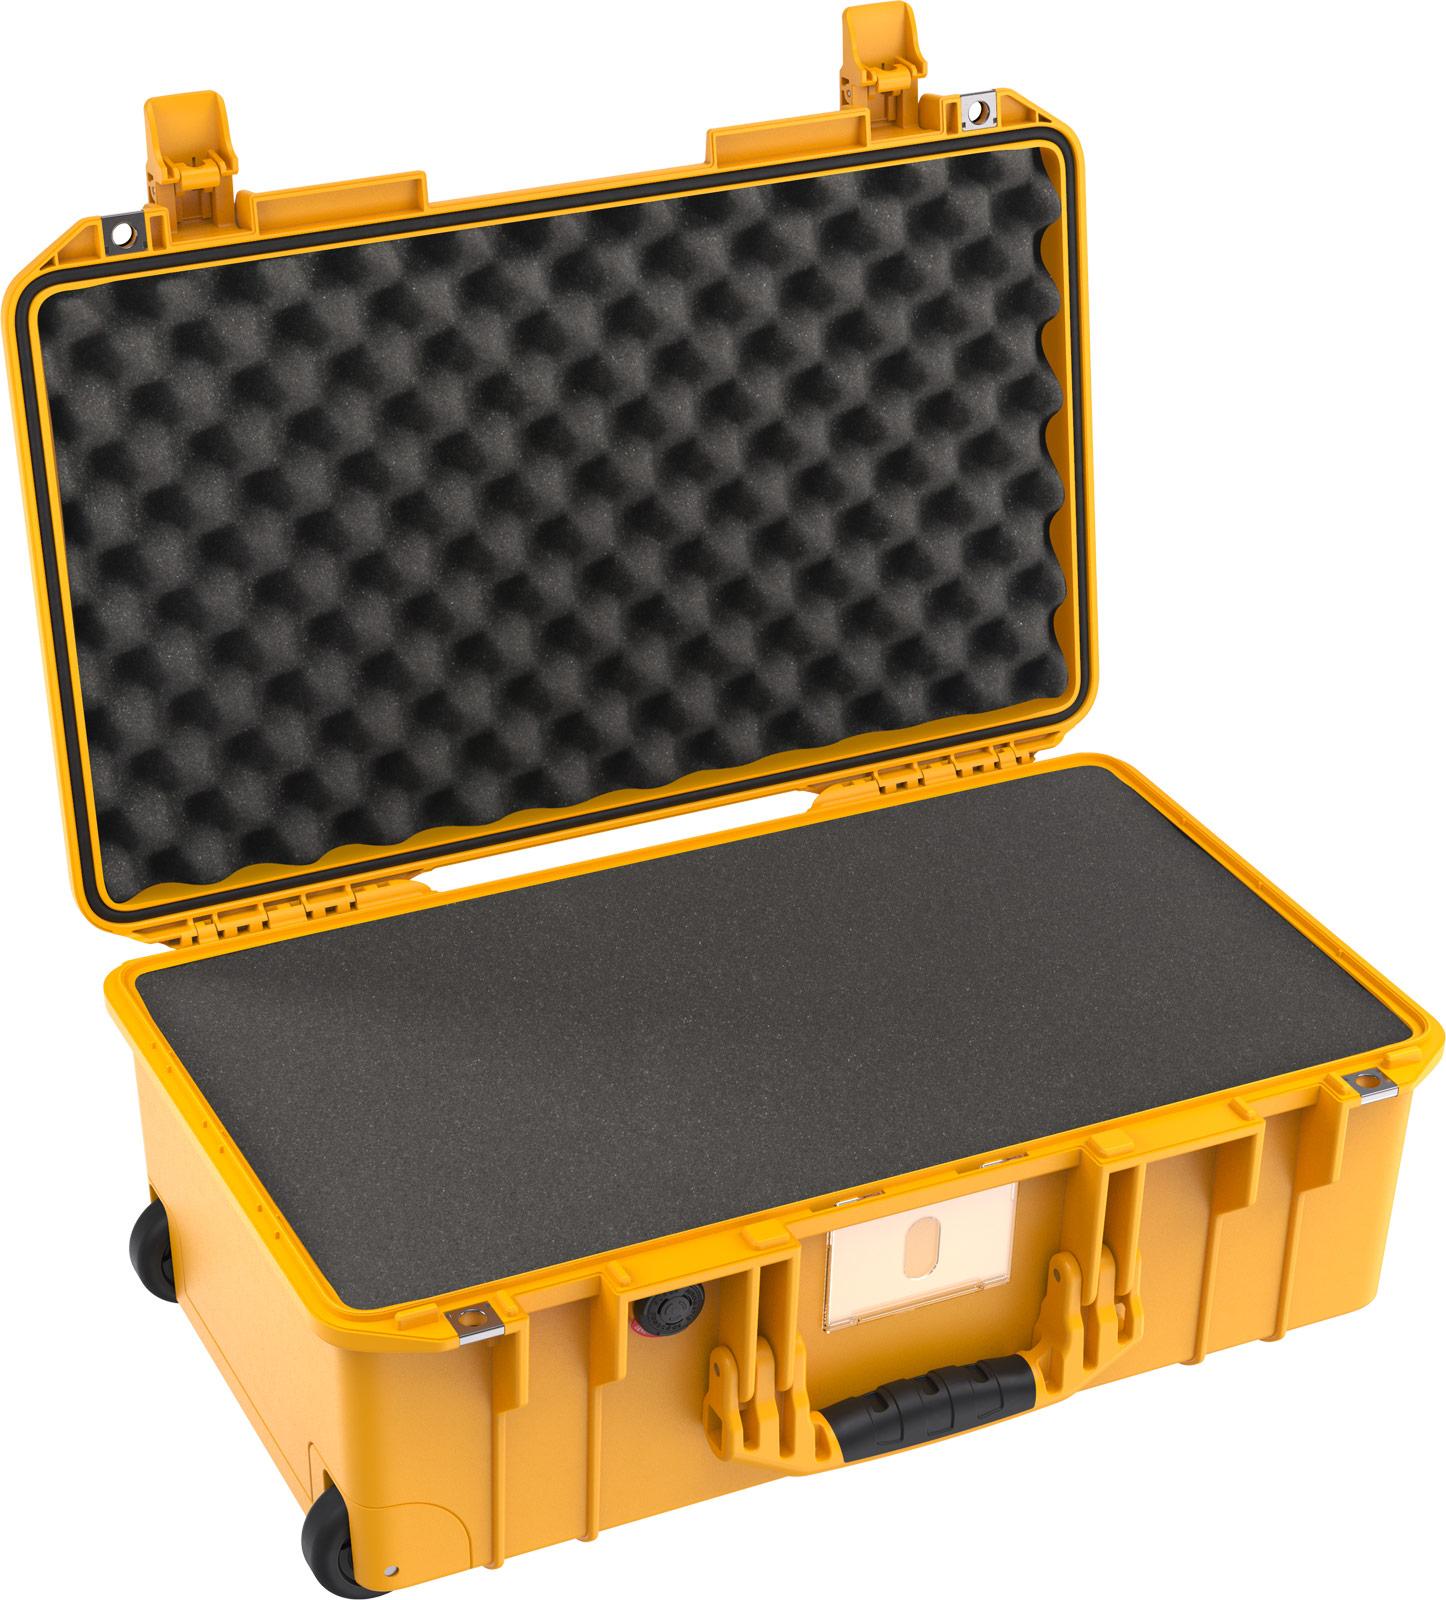 pelican 1535 yellow foam lightweight case